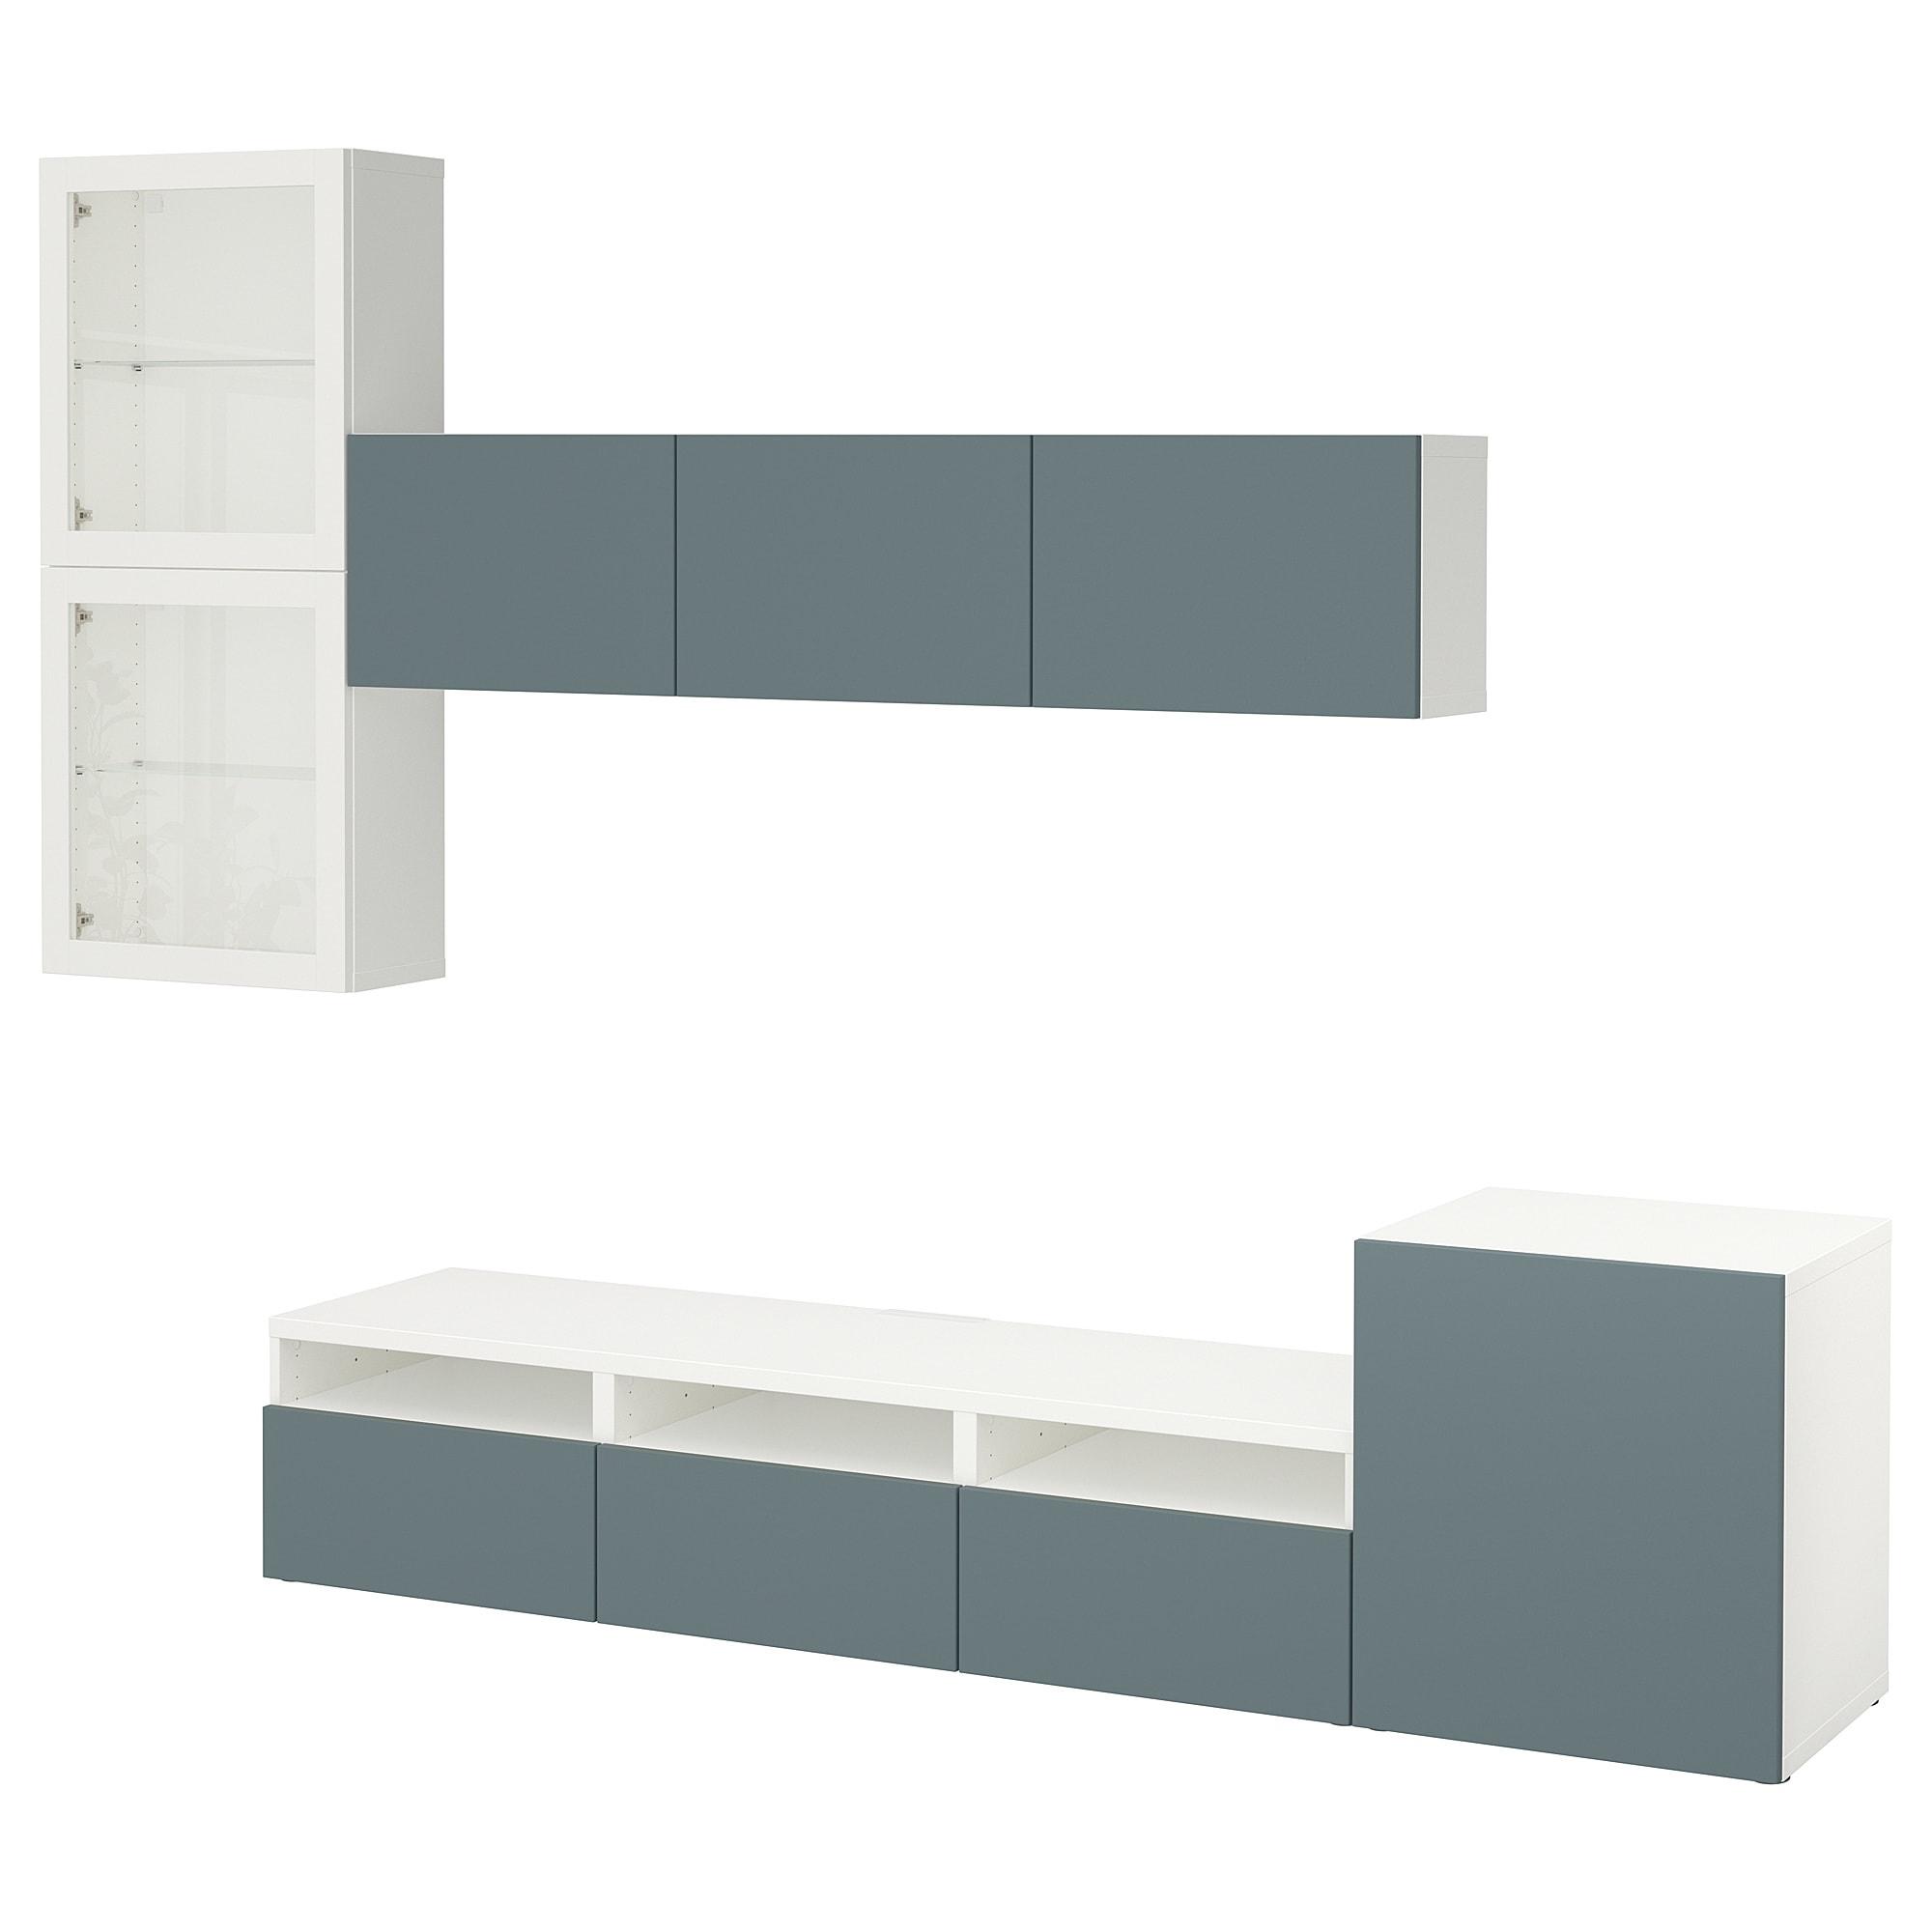 Шкаф для ТВ, комбинированный, стекляные дверцы БЕСТО белый артикуль № 492.522.18 в наличии. Online сайт IKEA Минск. Быстрая доставка и установка.